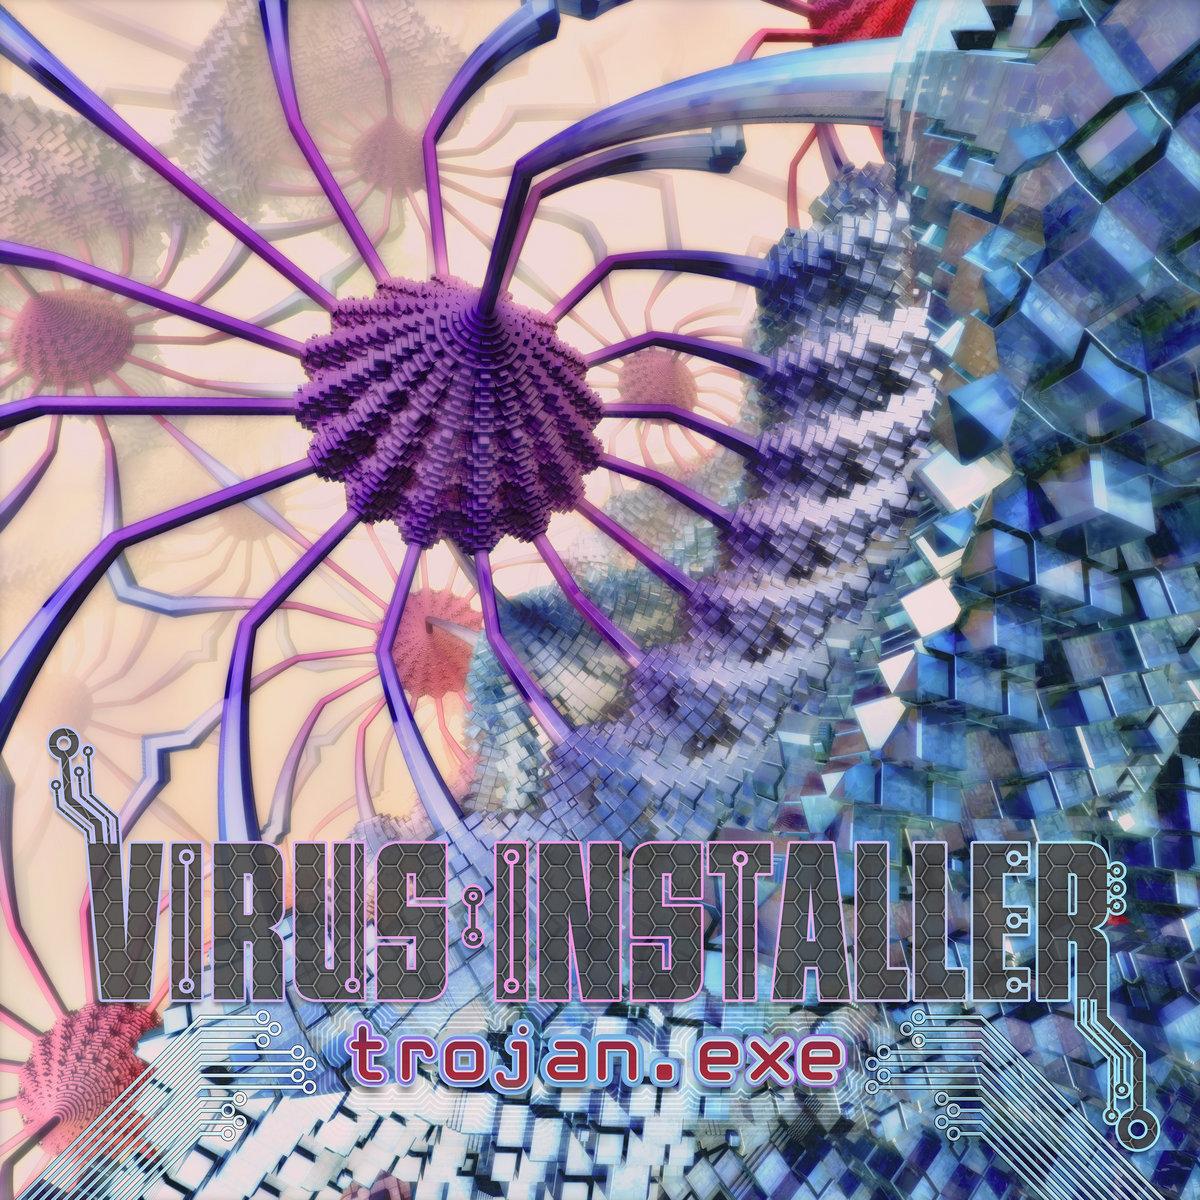 Trojan.exe | Virus Installer